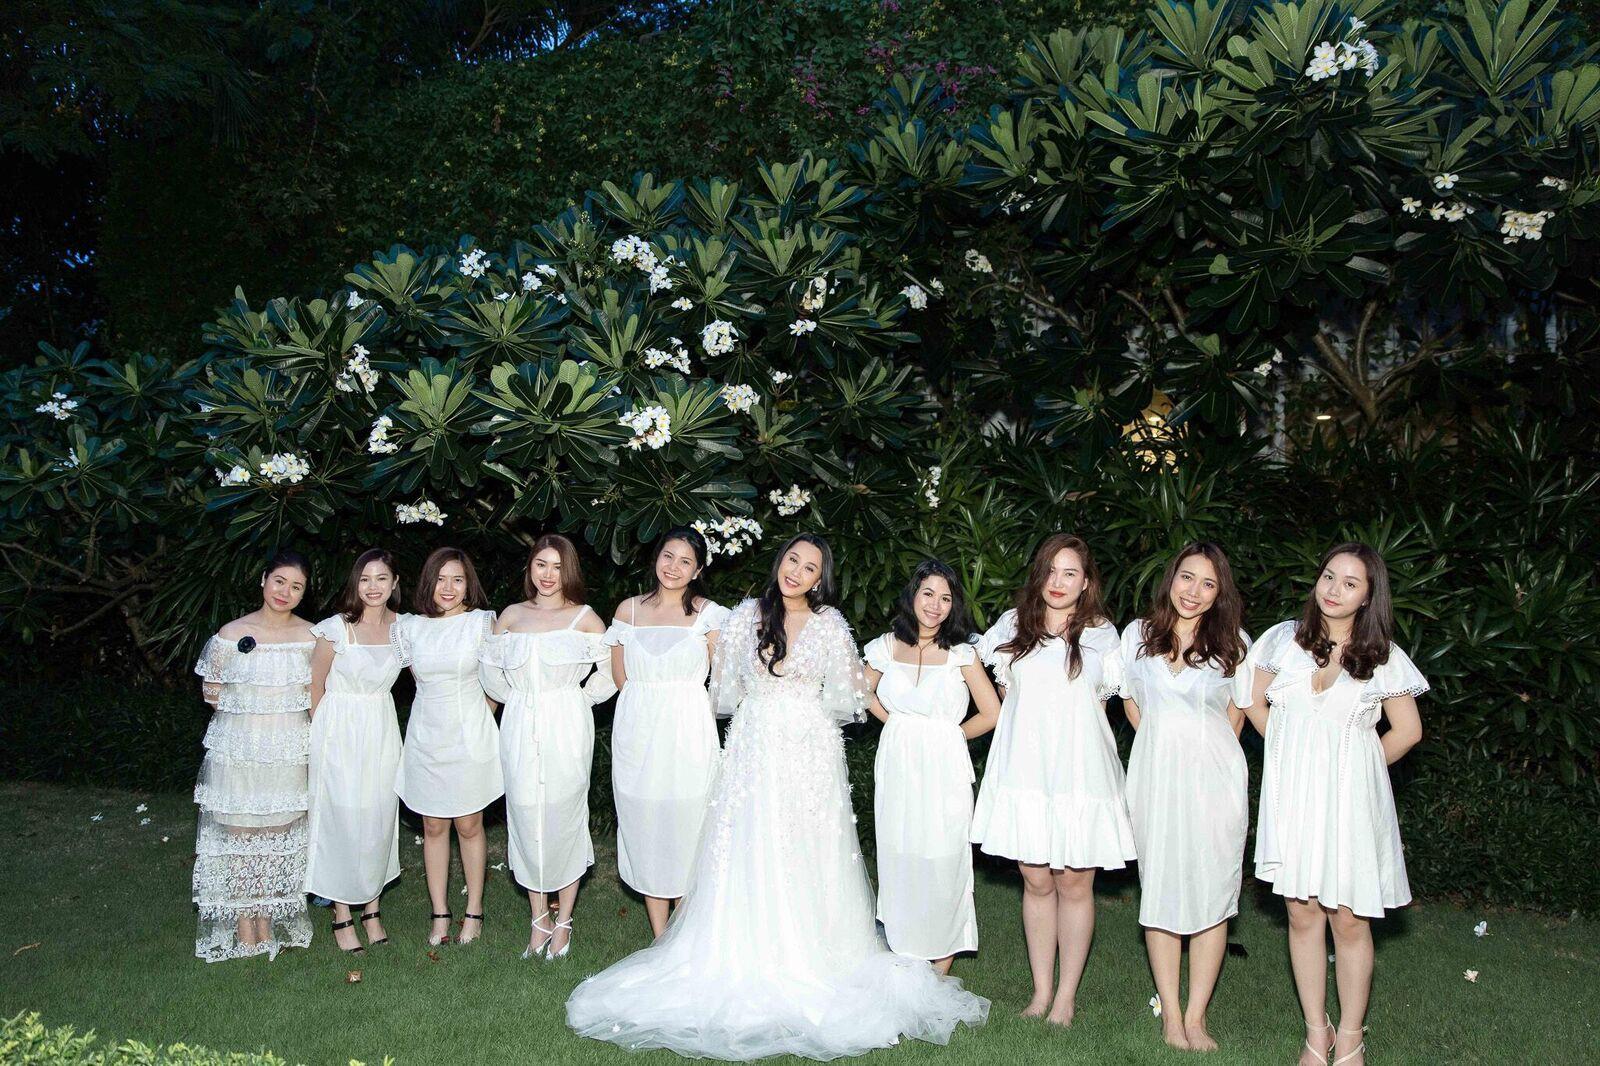 Trước giờ G cử hành hôn lễ, nhà văn Gào chia sẻ những hình ảnh về tiệc chia tay thời độc thân cùng dàn phù dâu xinh đẹp - Ảnh 6.